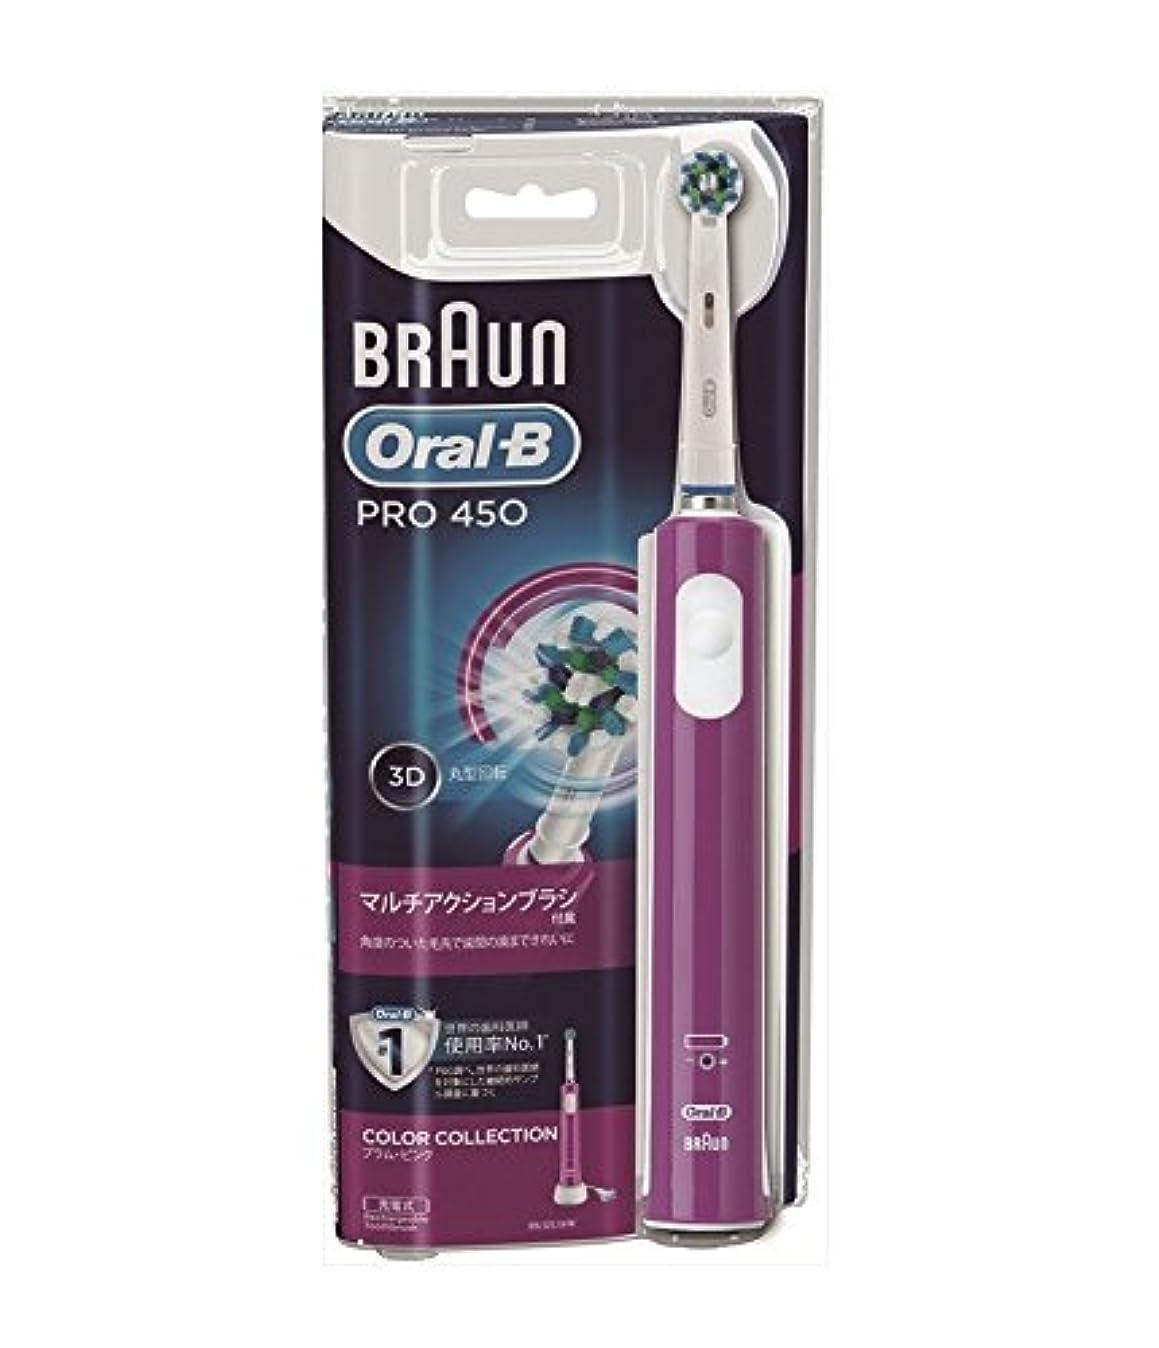 ホット悪行酸度ブラウン オーラルB 電動歯ブラシ PRO450 プラムピンク